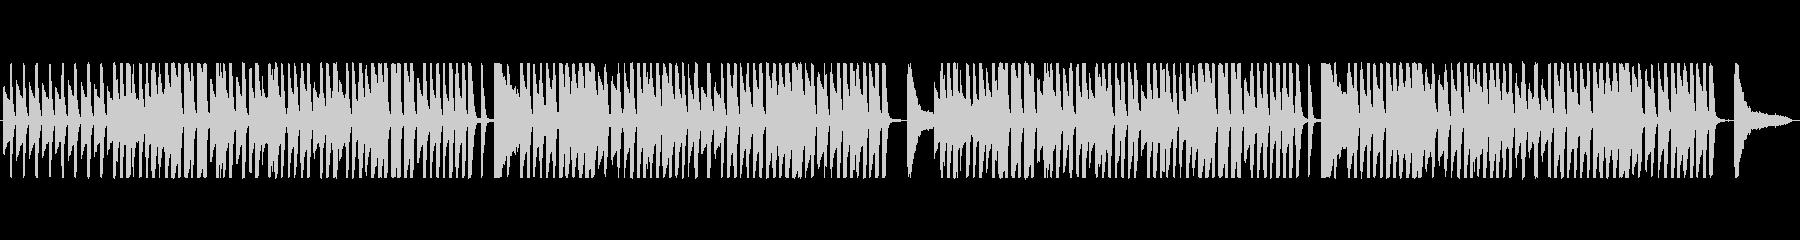 軽快・ハイテンポなラグタイムの未再生の波形